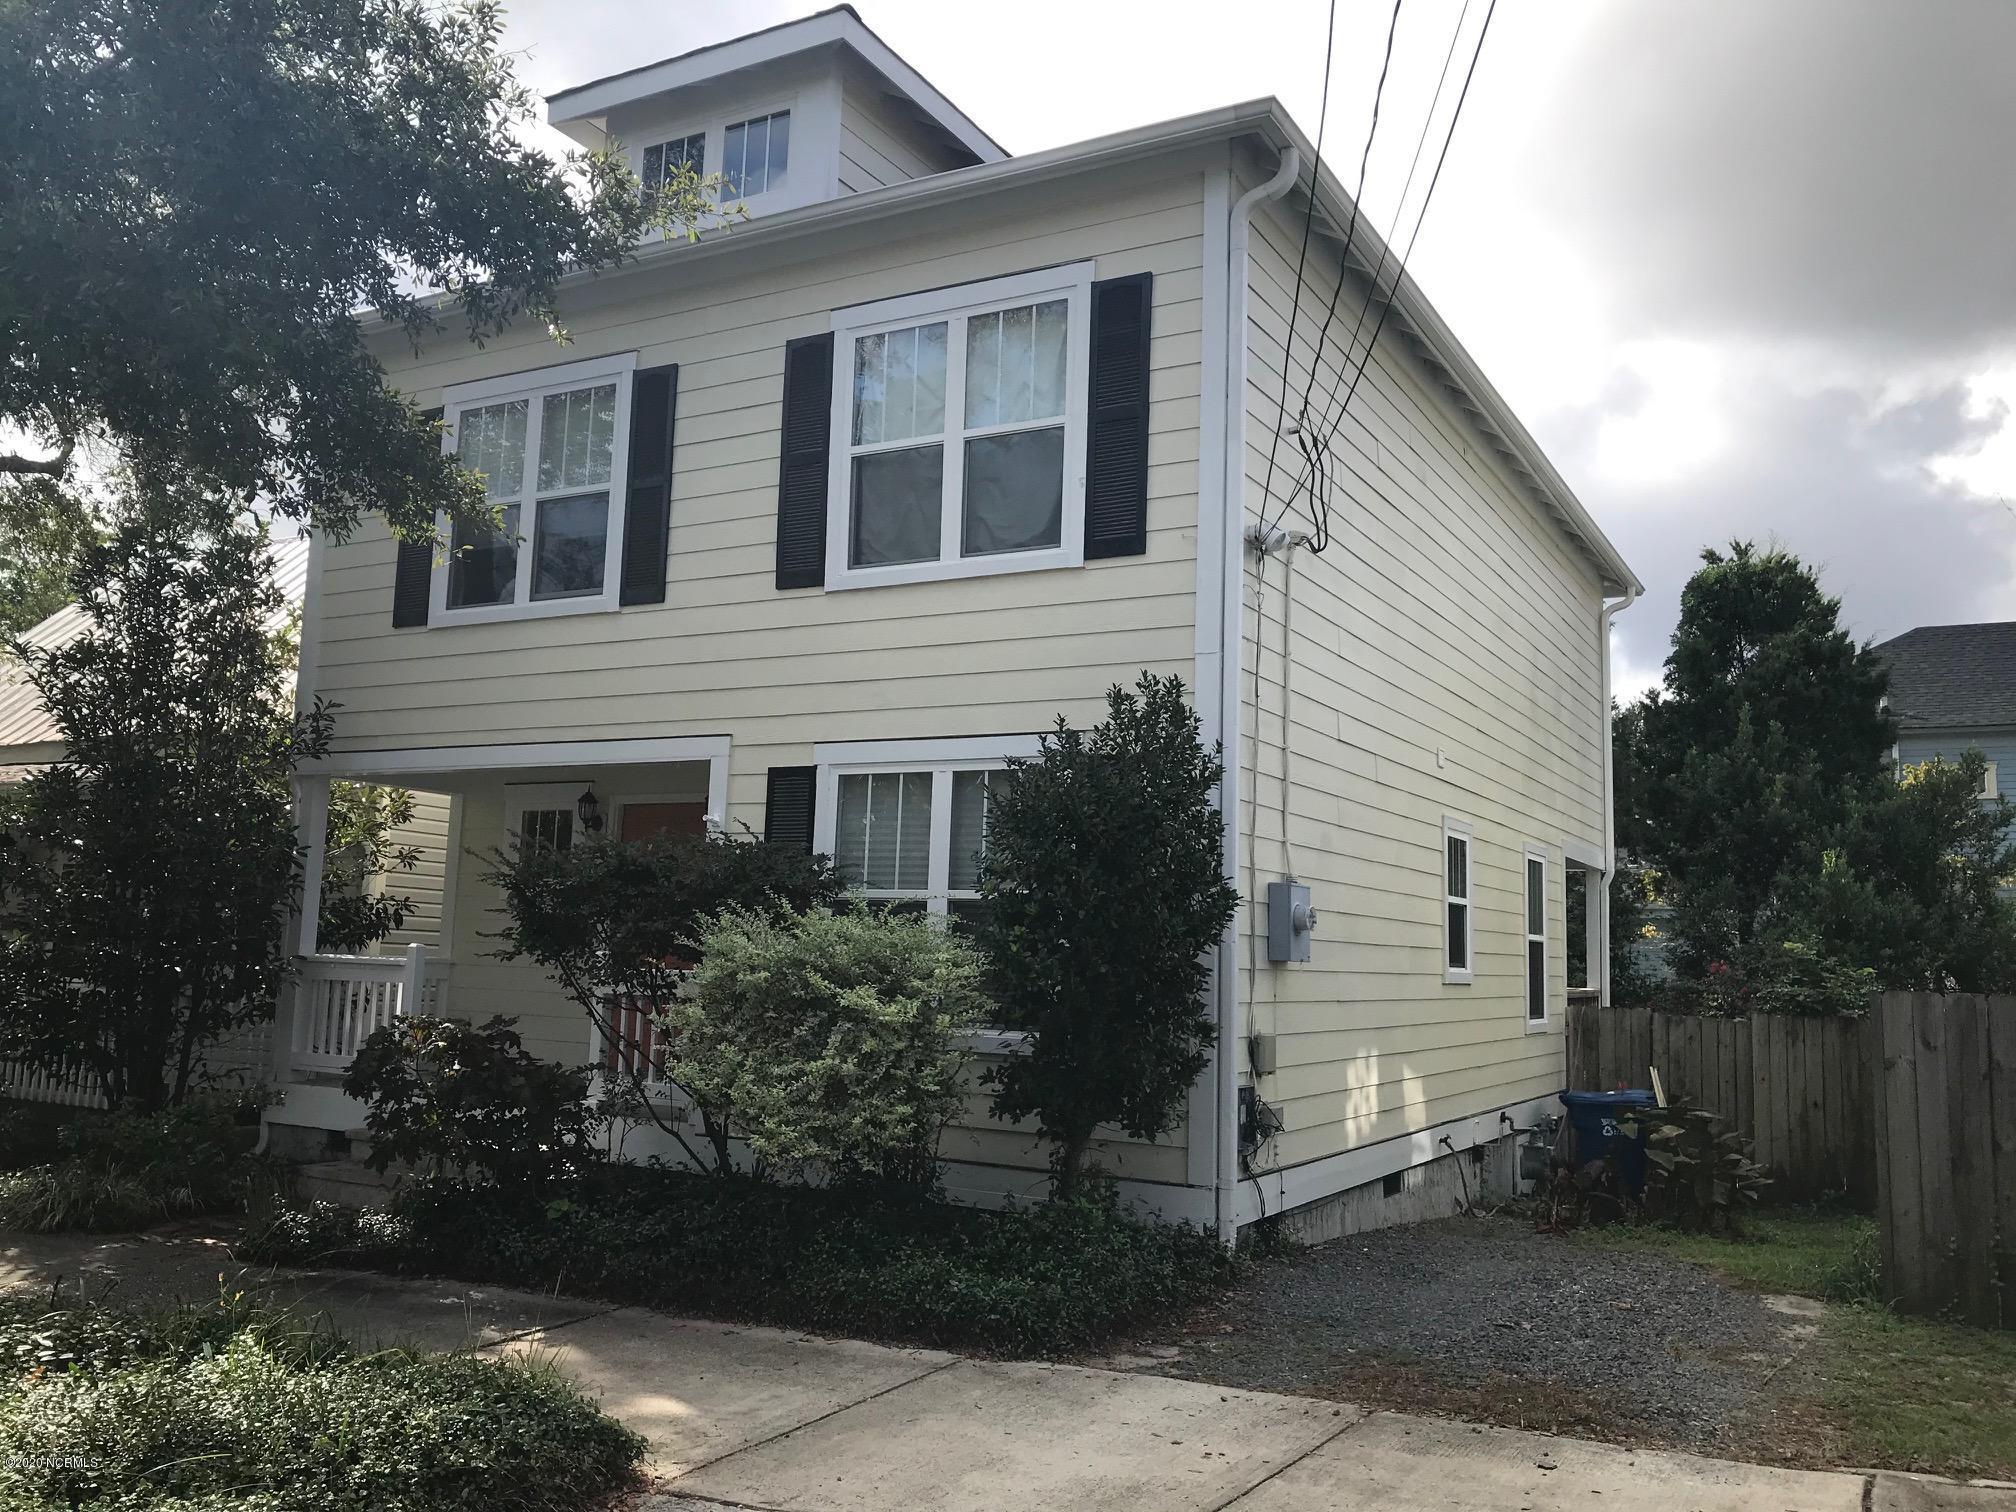 804 Dock Street, Wilmington, North Carolina 28401, 3 Bedrooms Bedrooms, ,2 BathroomsBathrooms,Residential,For Sale,Dock,100234912